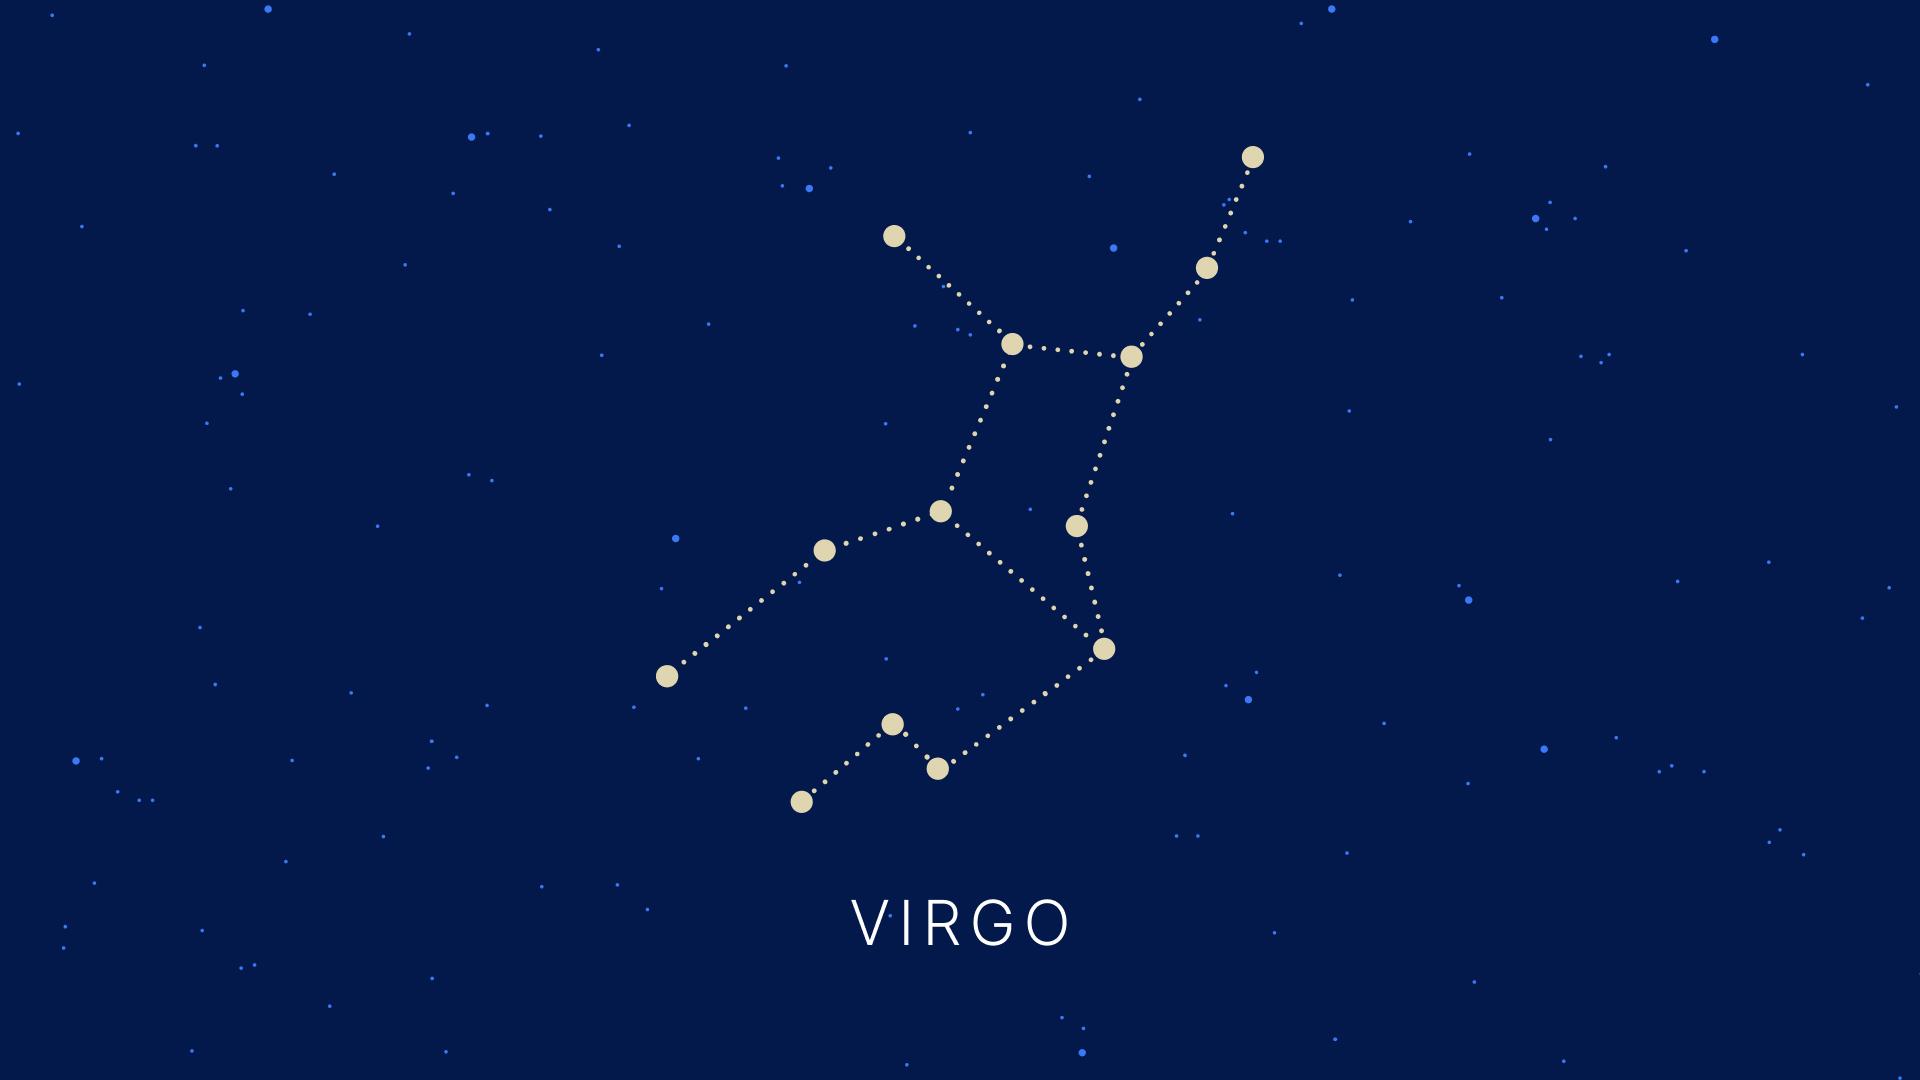 Sales Horoscope: Virgo